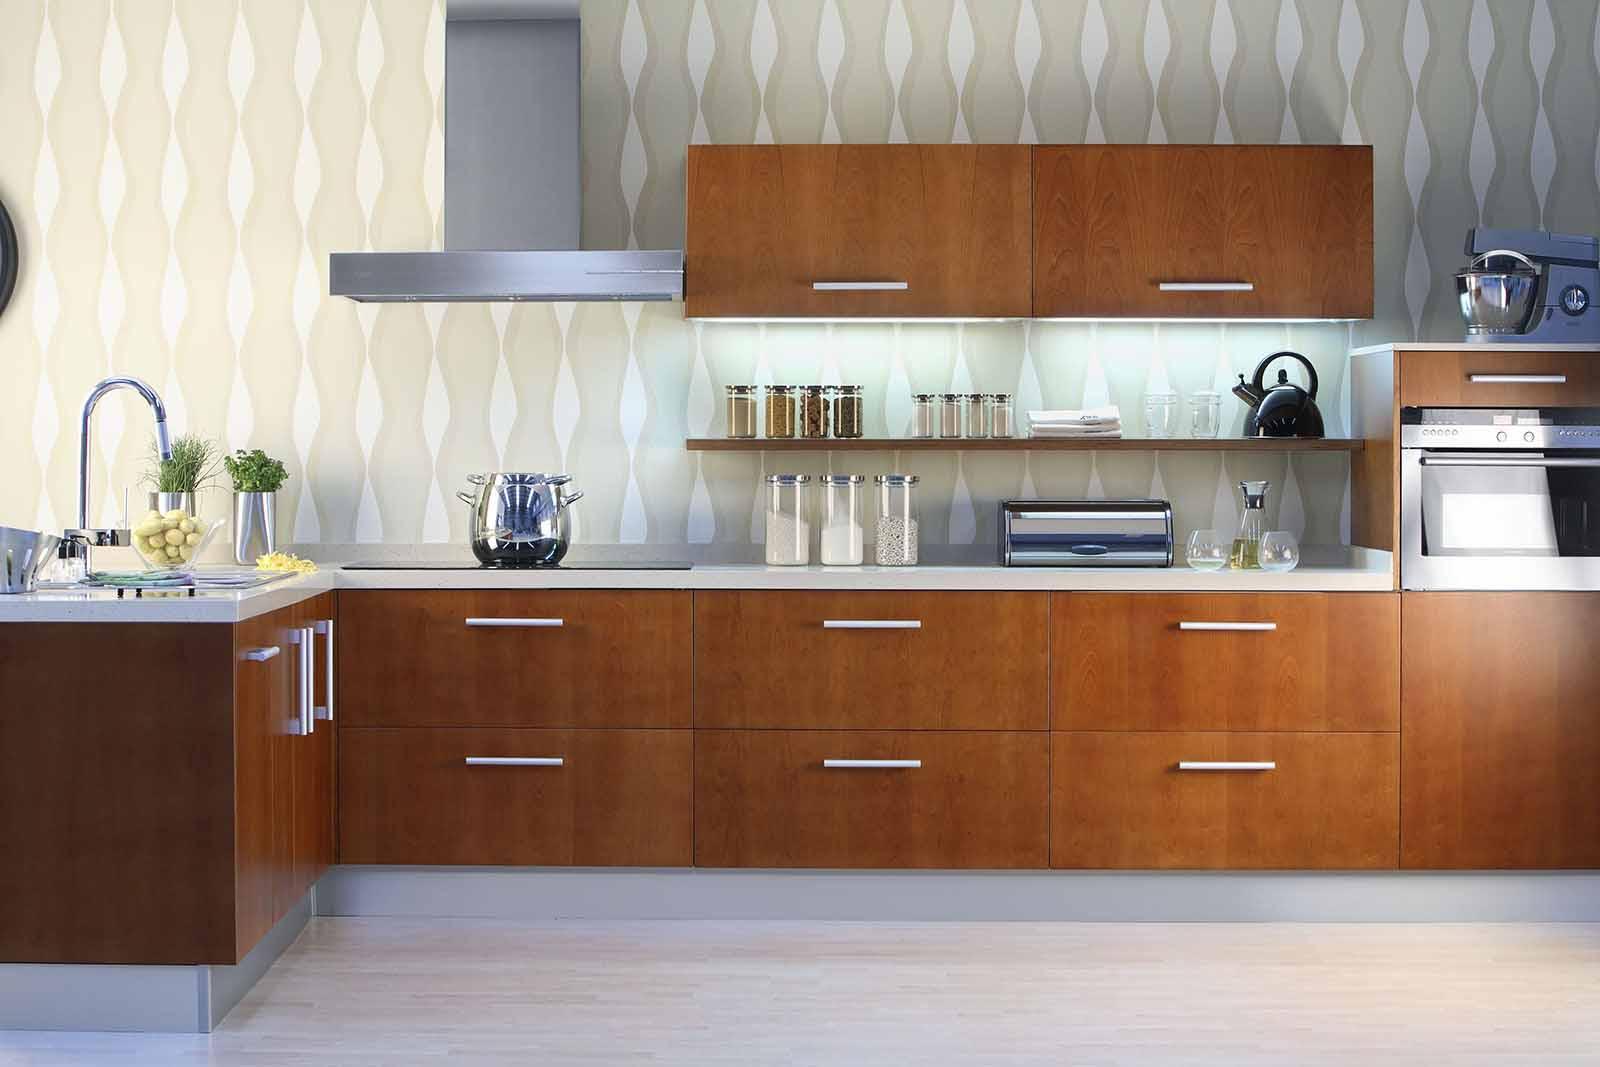 Cocina 23 cocinas capis dise o y fabricaci n de cocinas for Cocinas sencillas y baratas